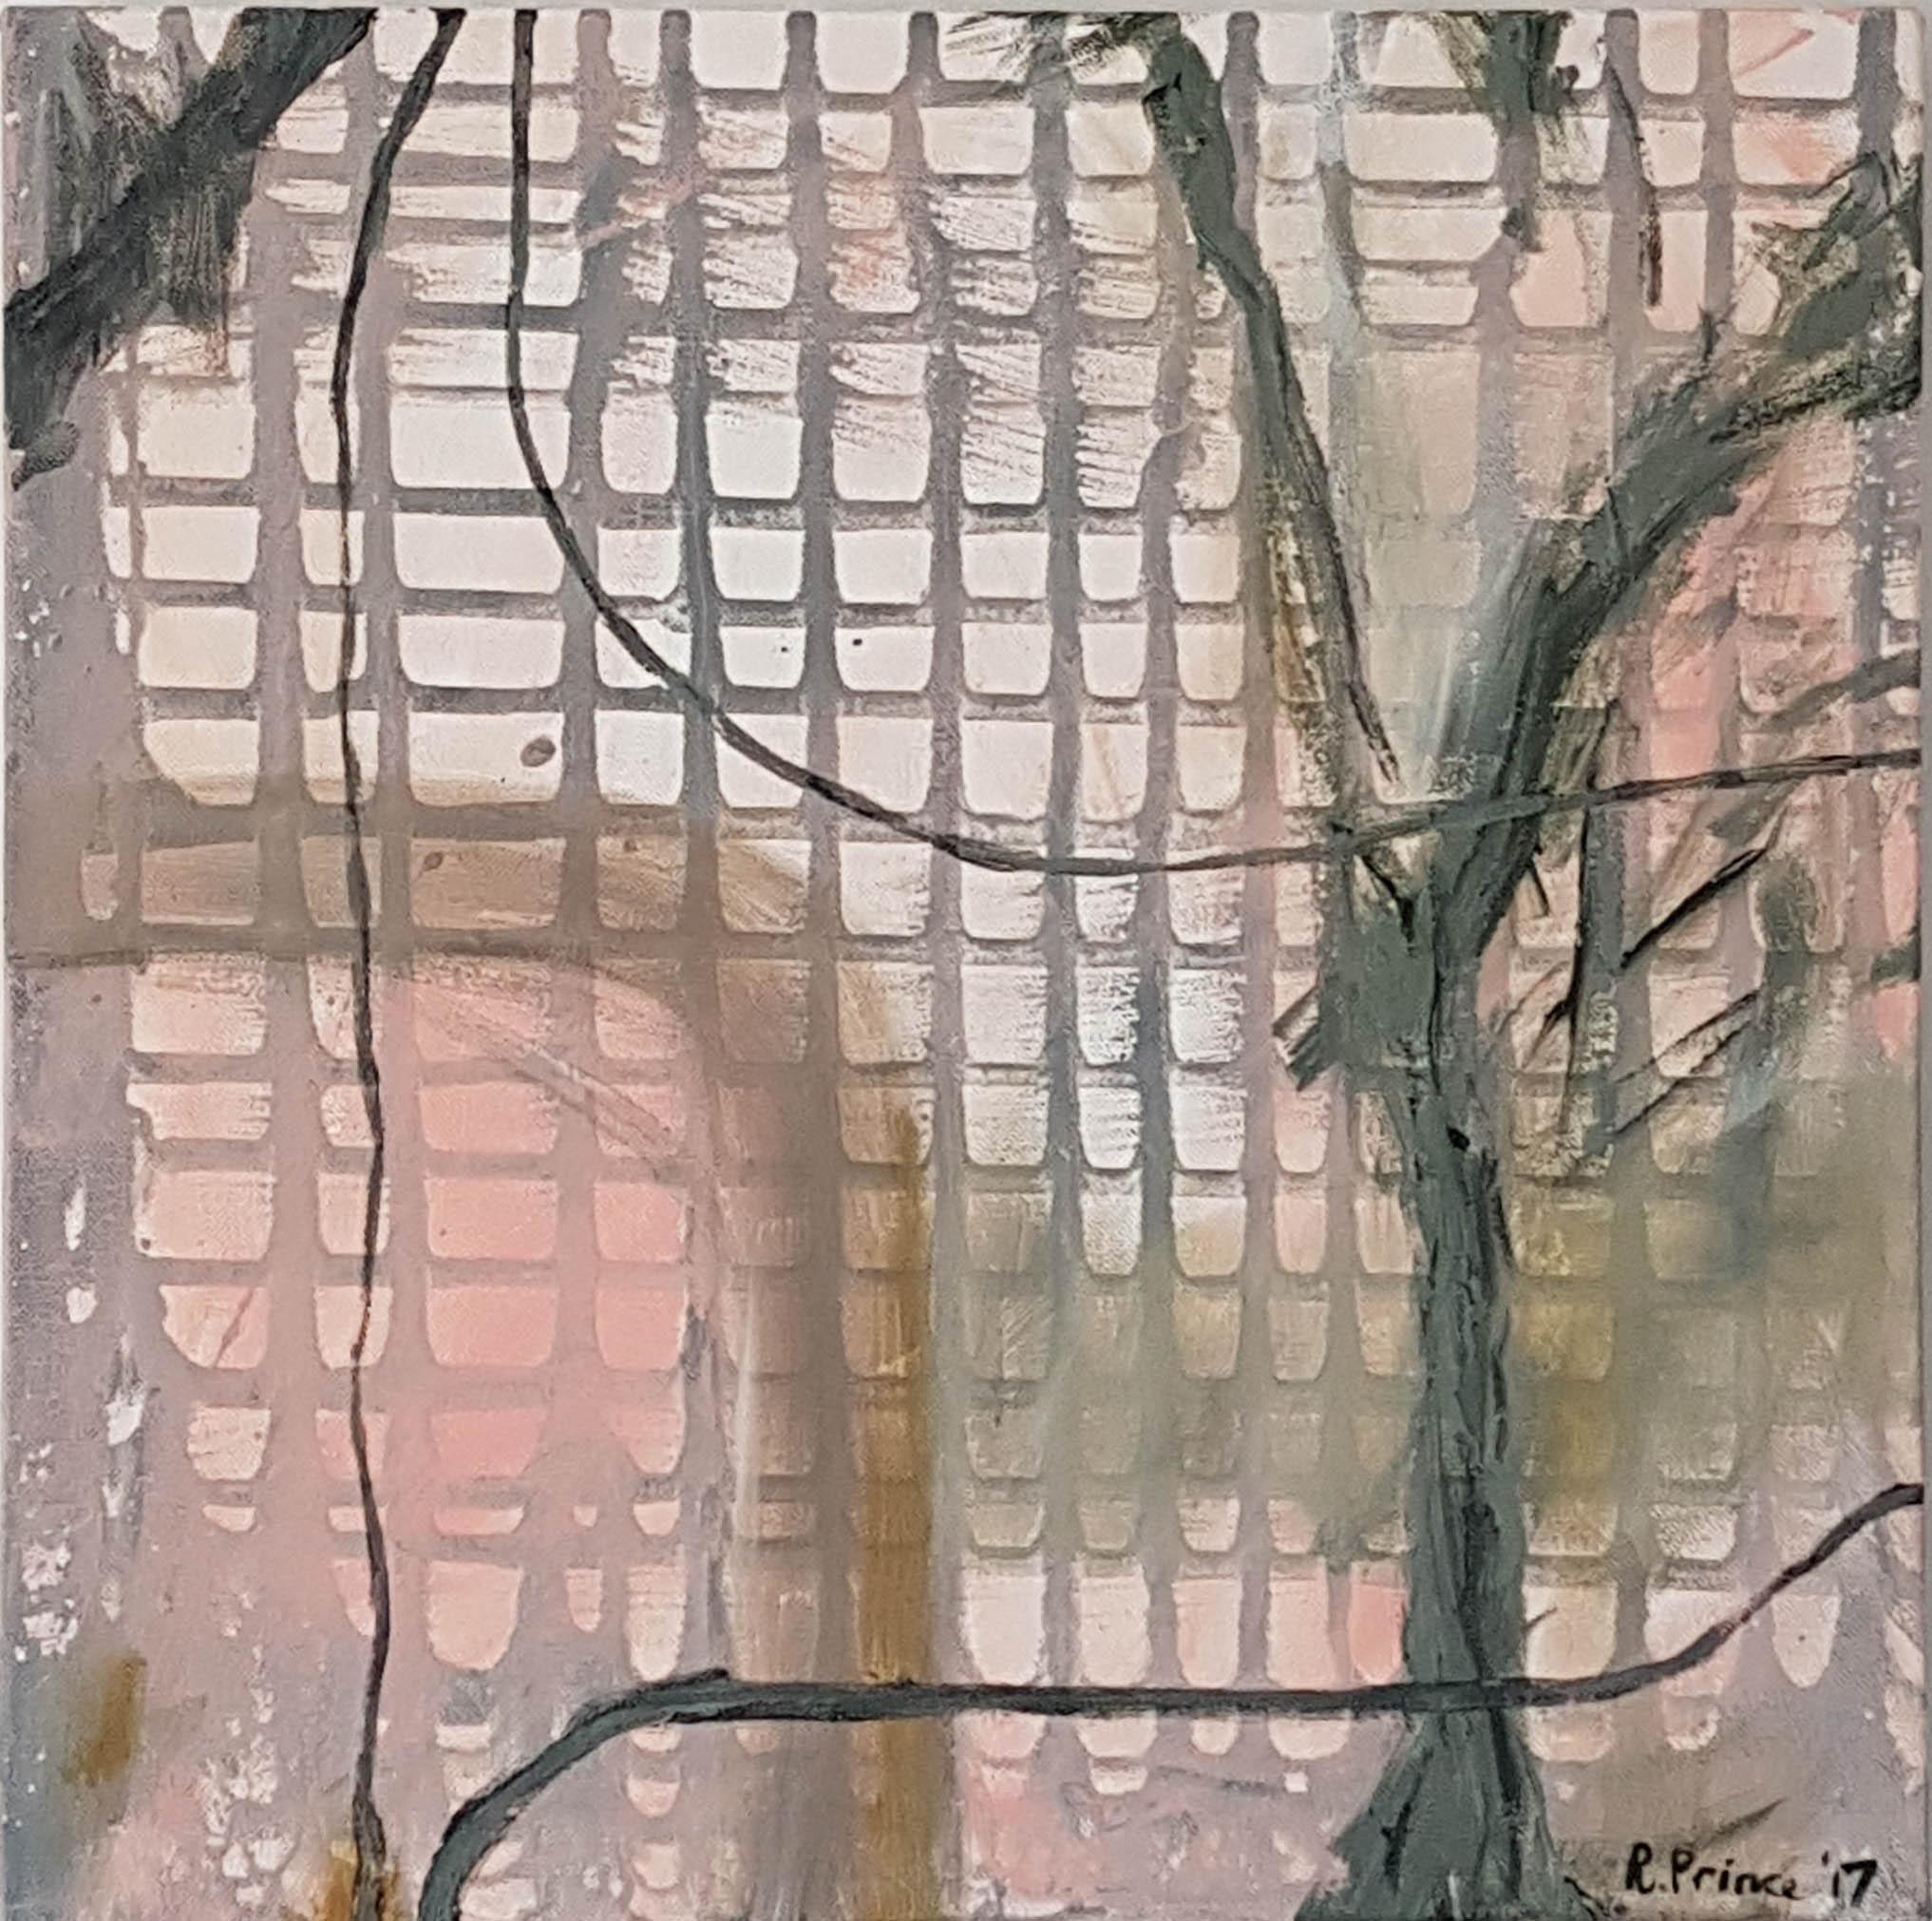 rachel-prince_lost-landscape-2017_40x40cm